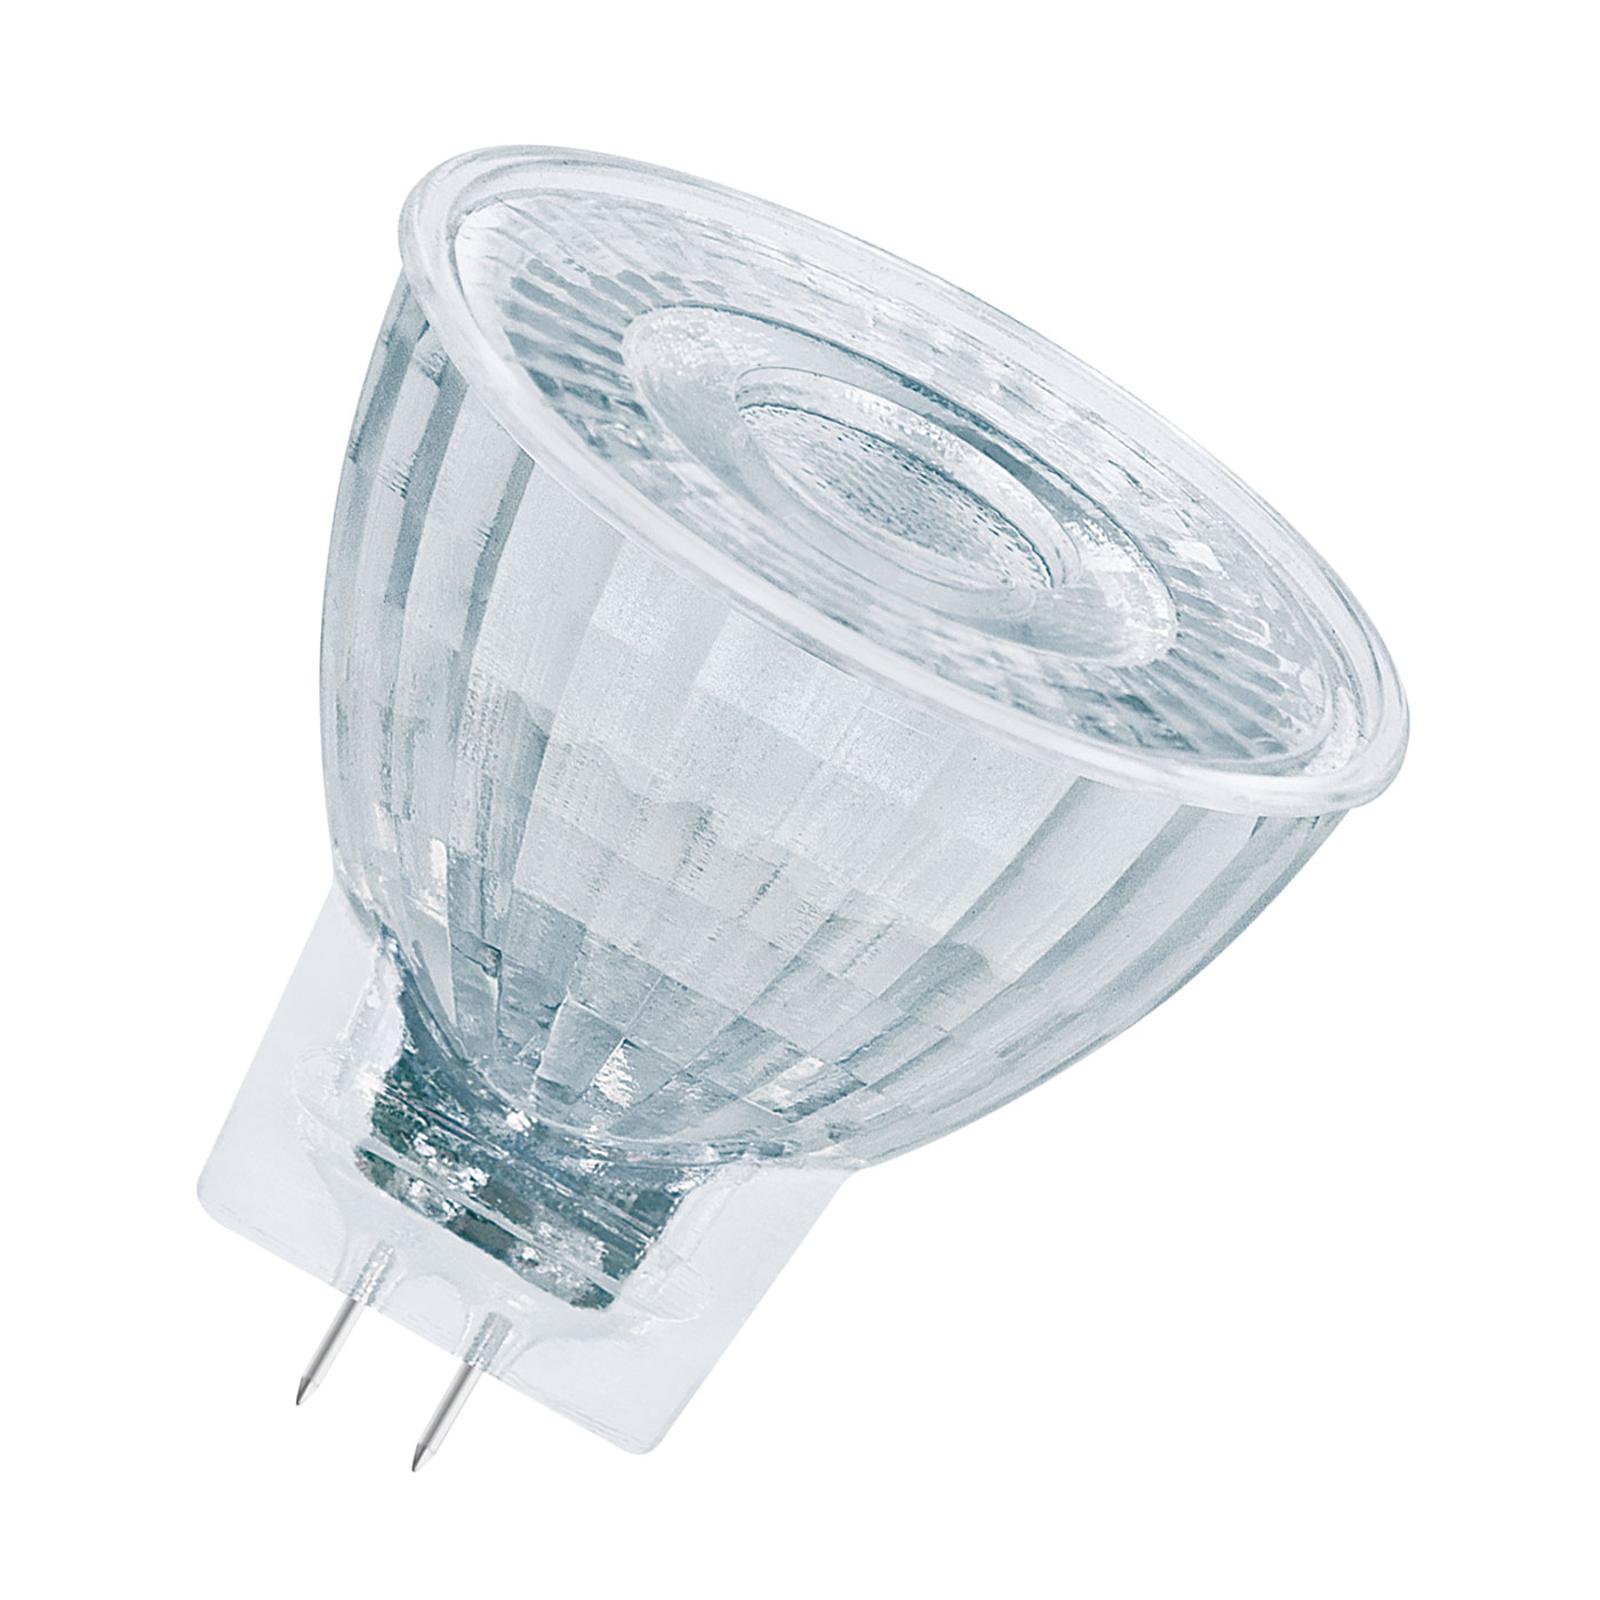 OSRAM reflektor LED GU4 3,2W 927 36° ściemniany